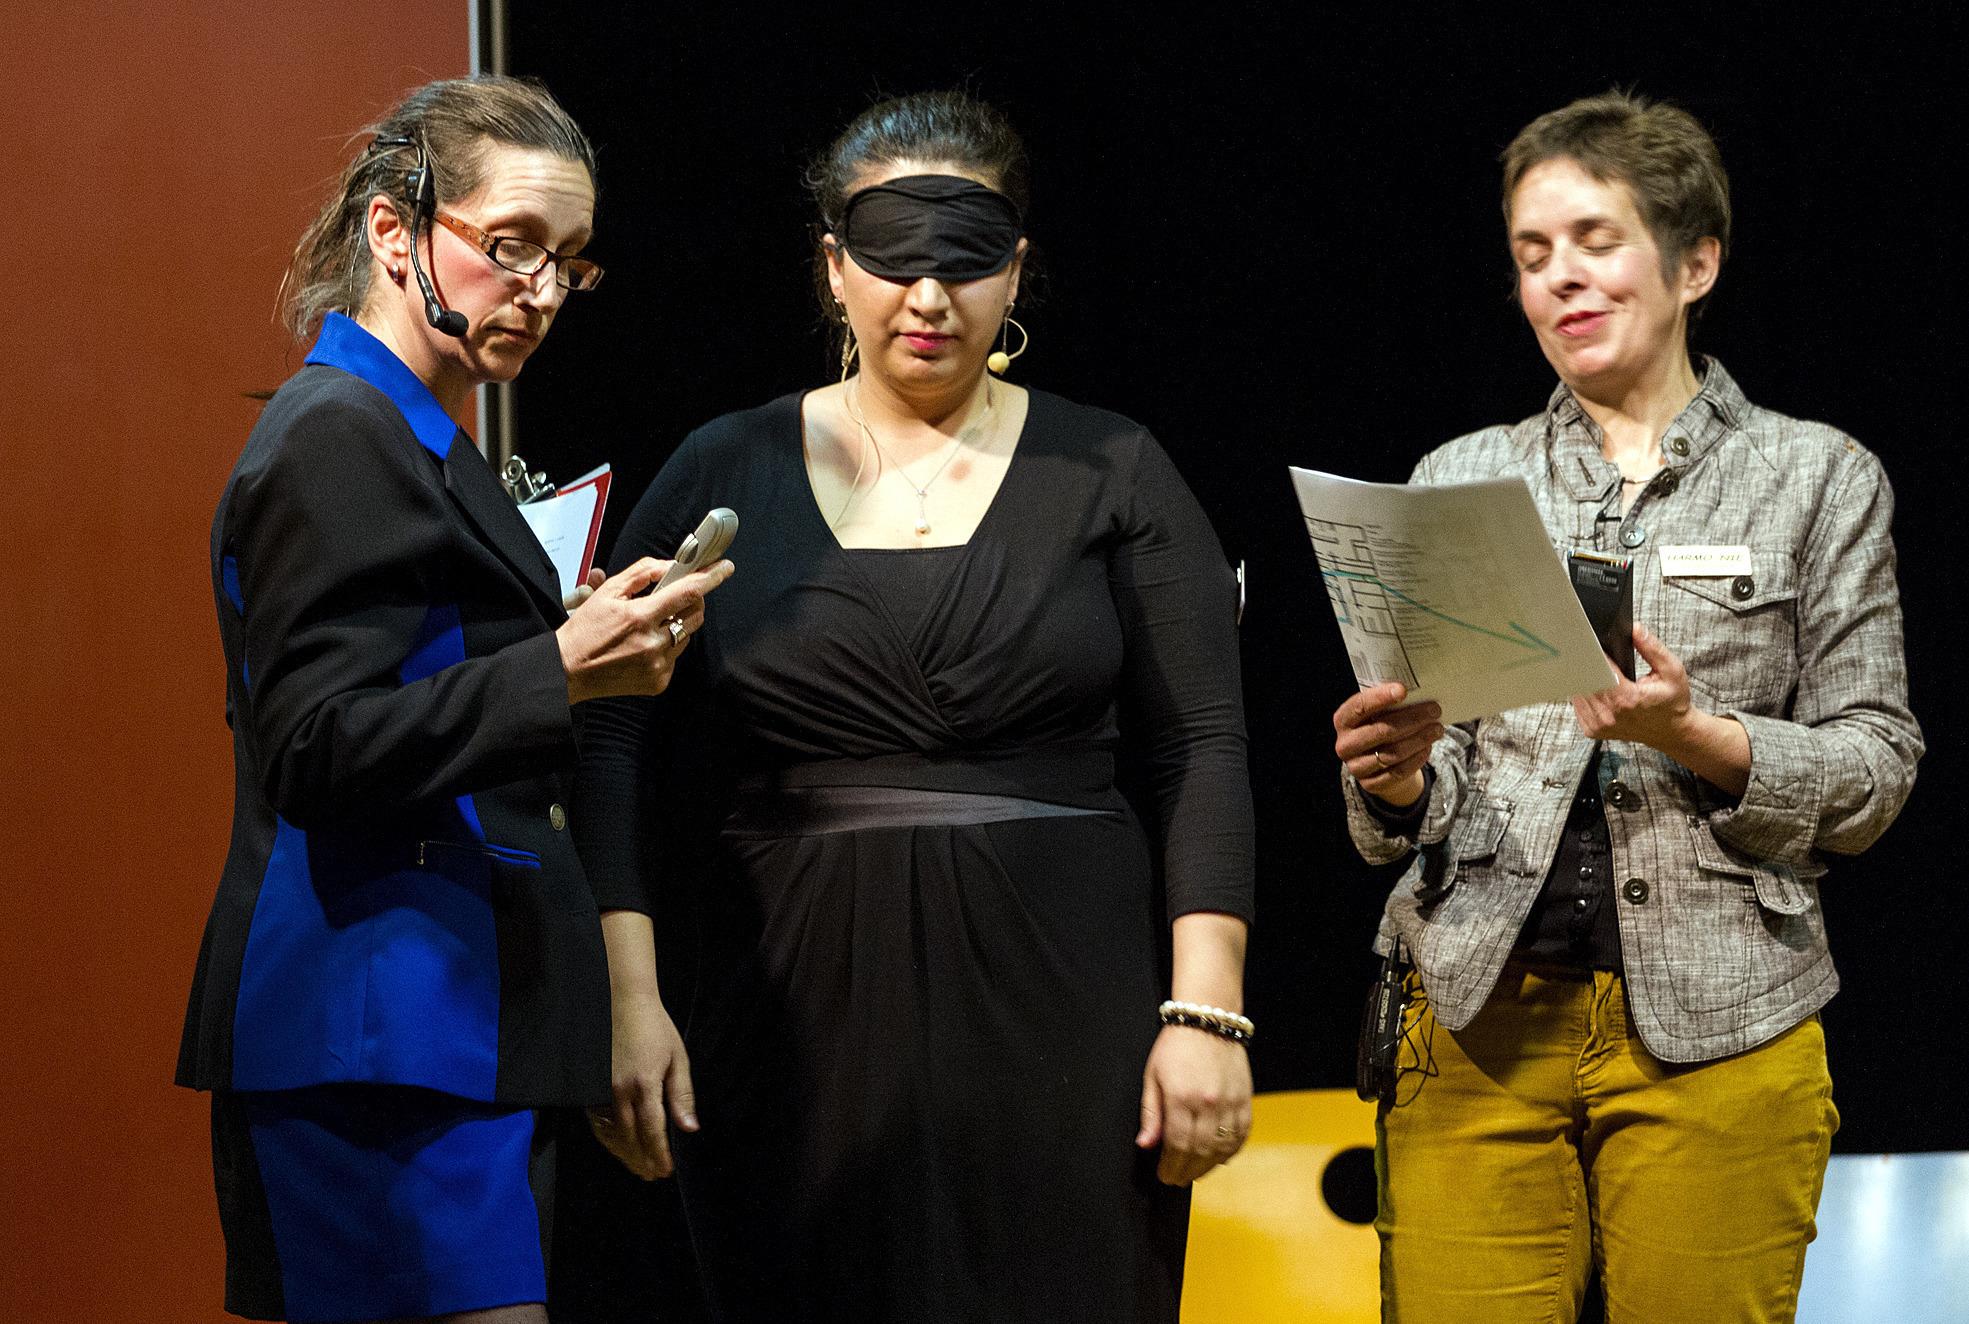 Wilde Schwestern in Wendlingen - Zwischen Neckar und Alb - Teckbote